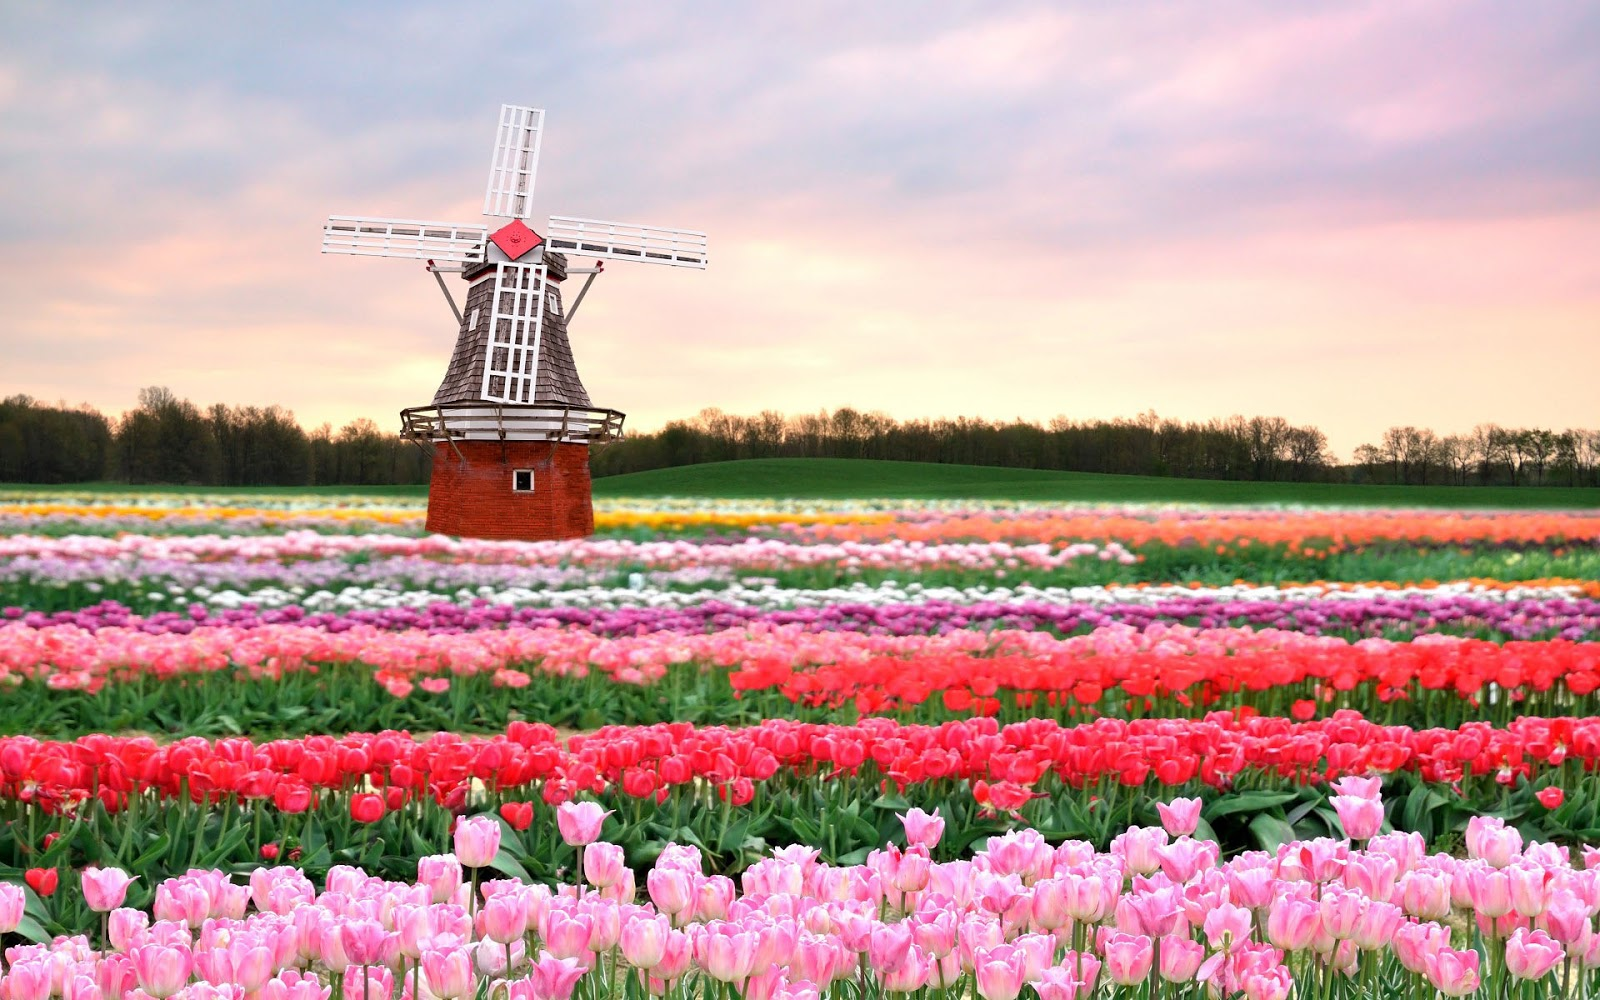 lente-achtergrond-met-een-veld-met-verschillende-kleuren-tulpen-en-een-molen-ergens-in-nederland